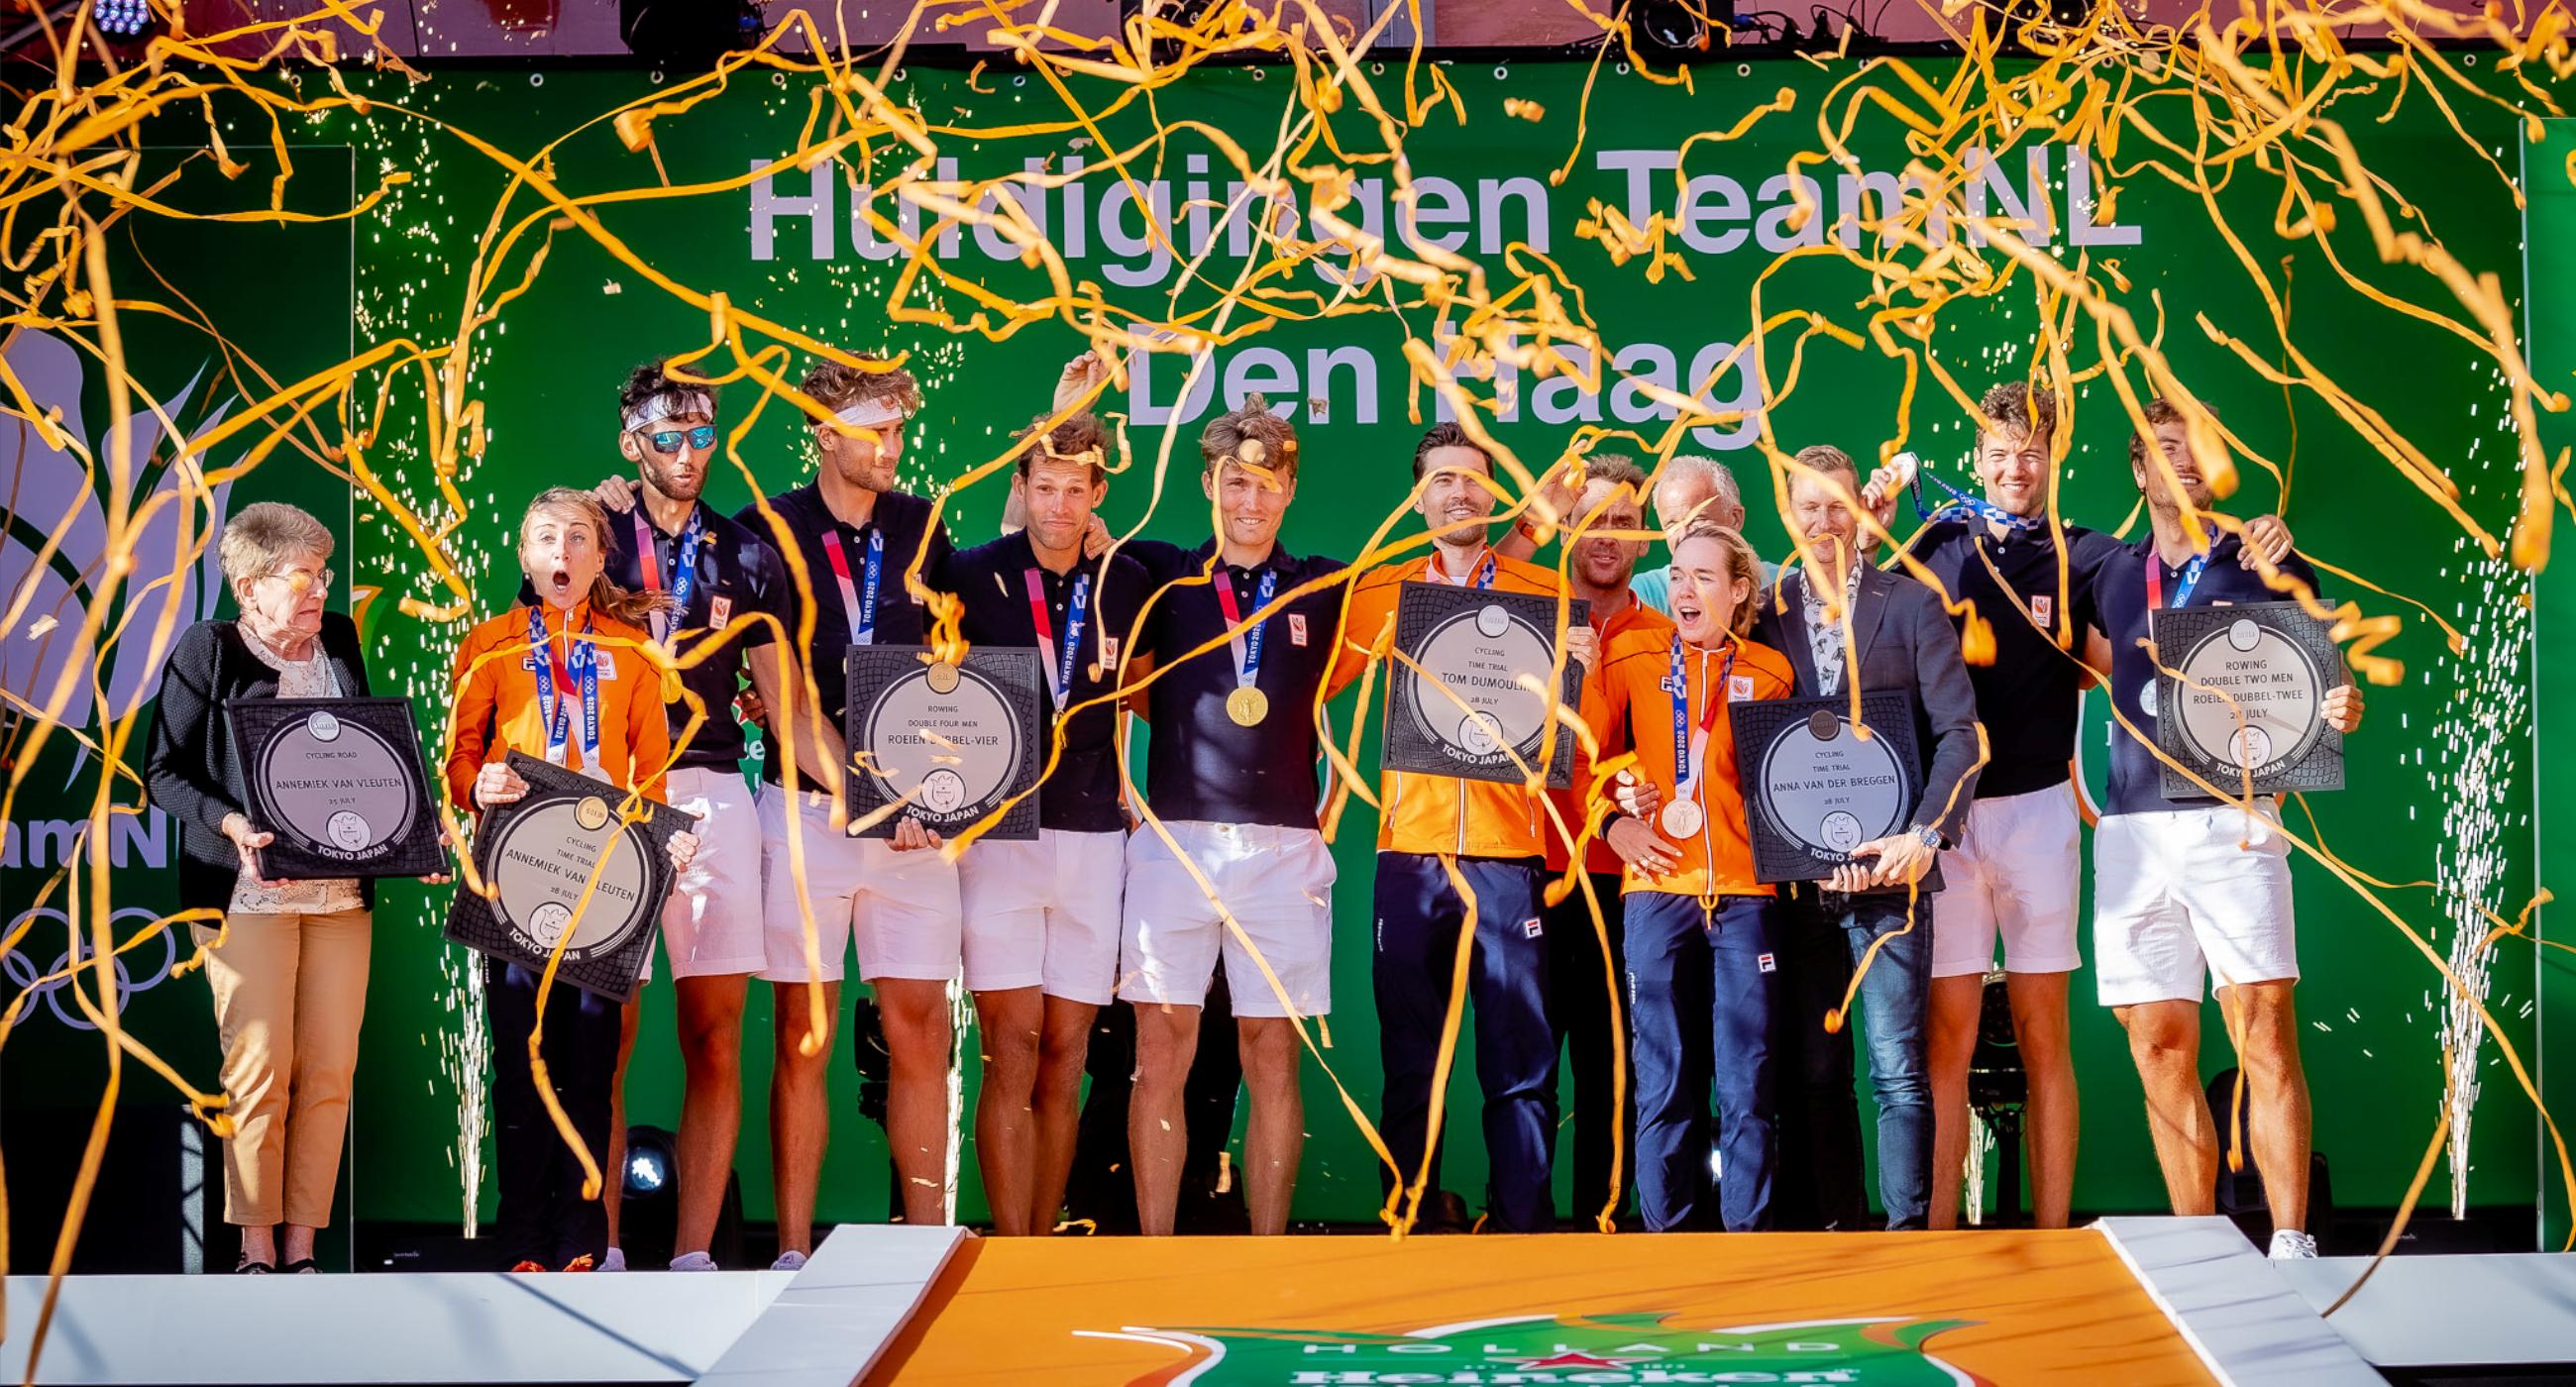 De huldigingen van de medaillewinnaars!